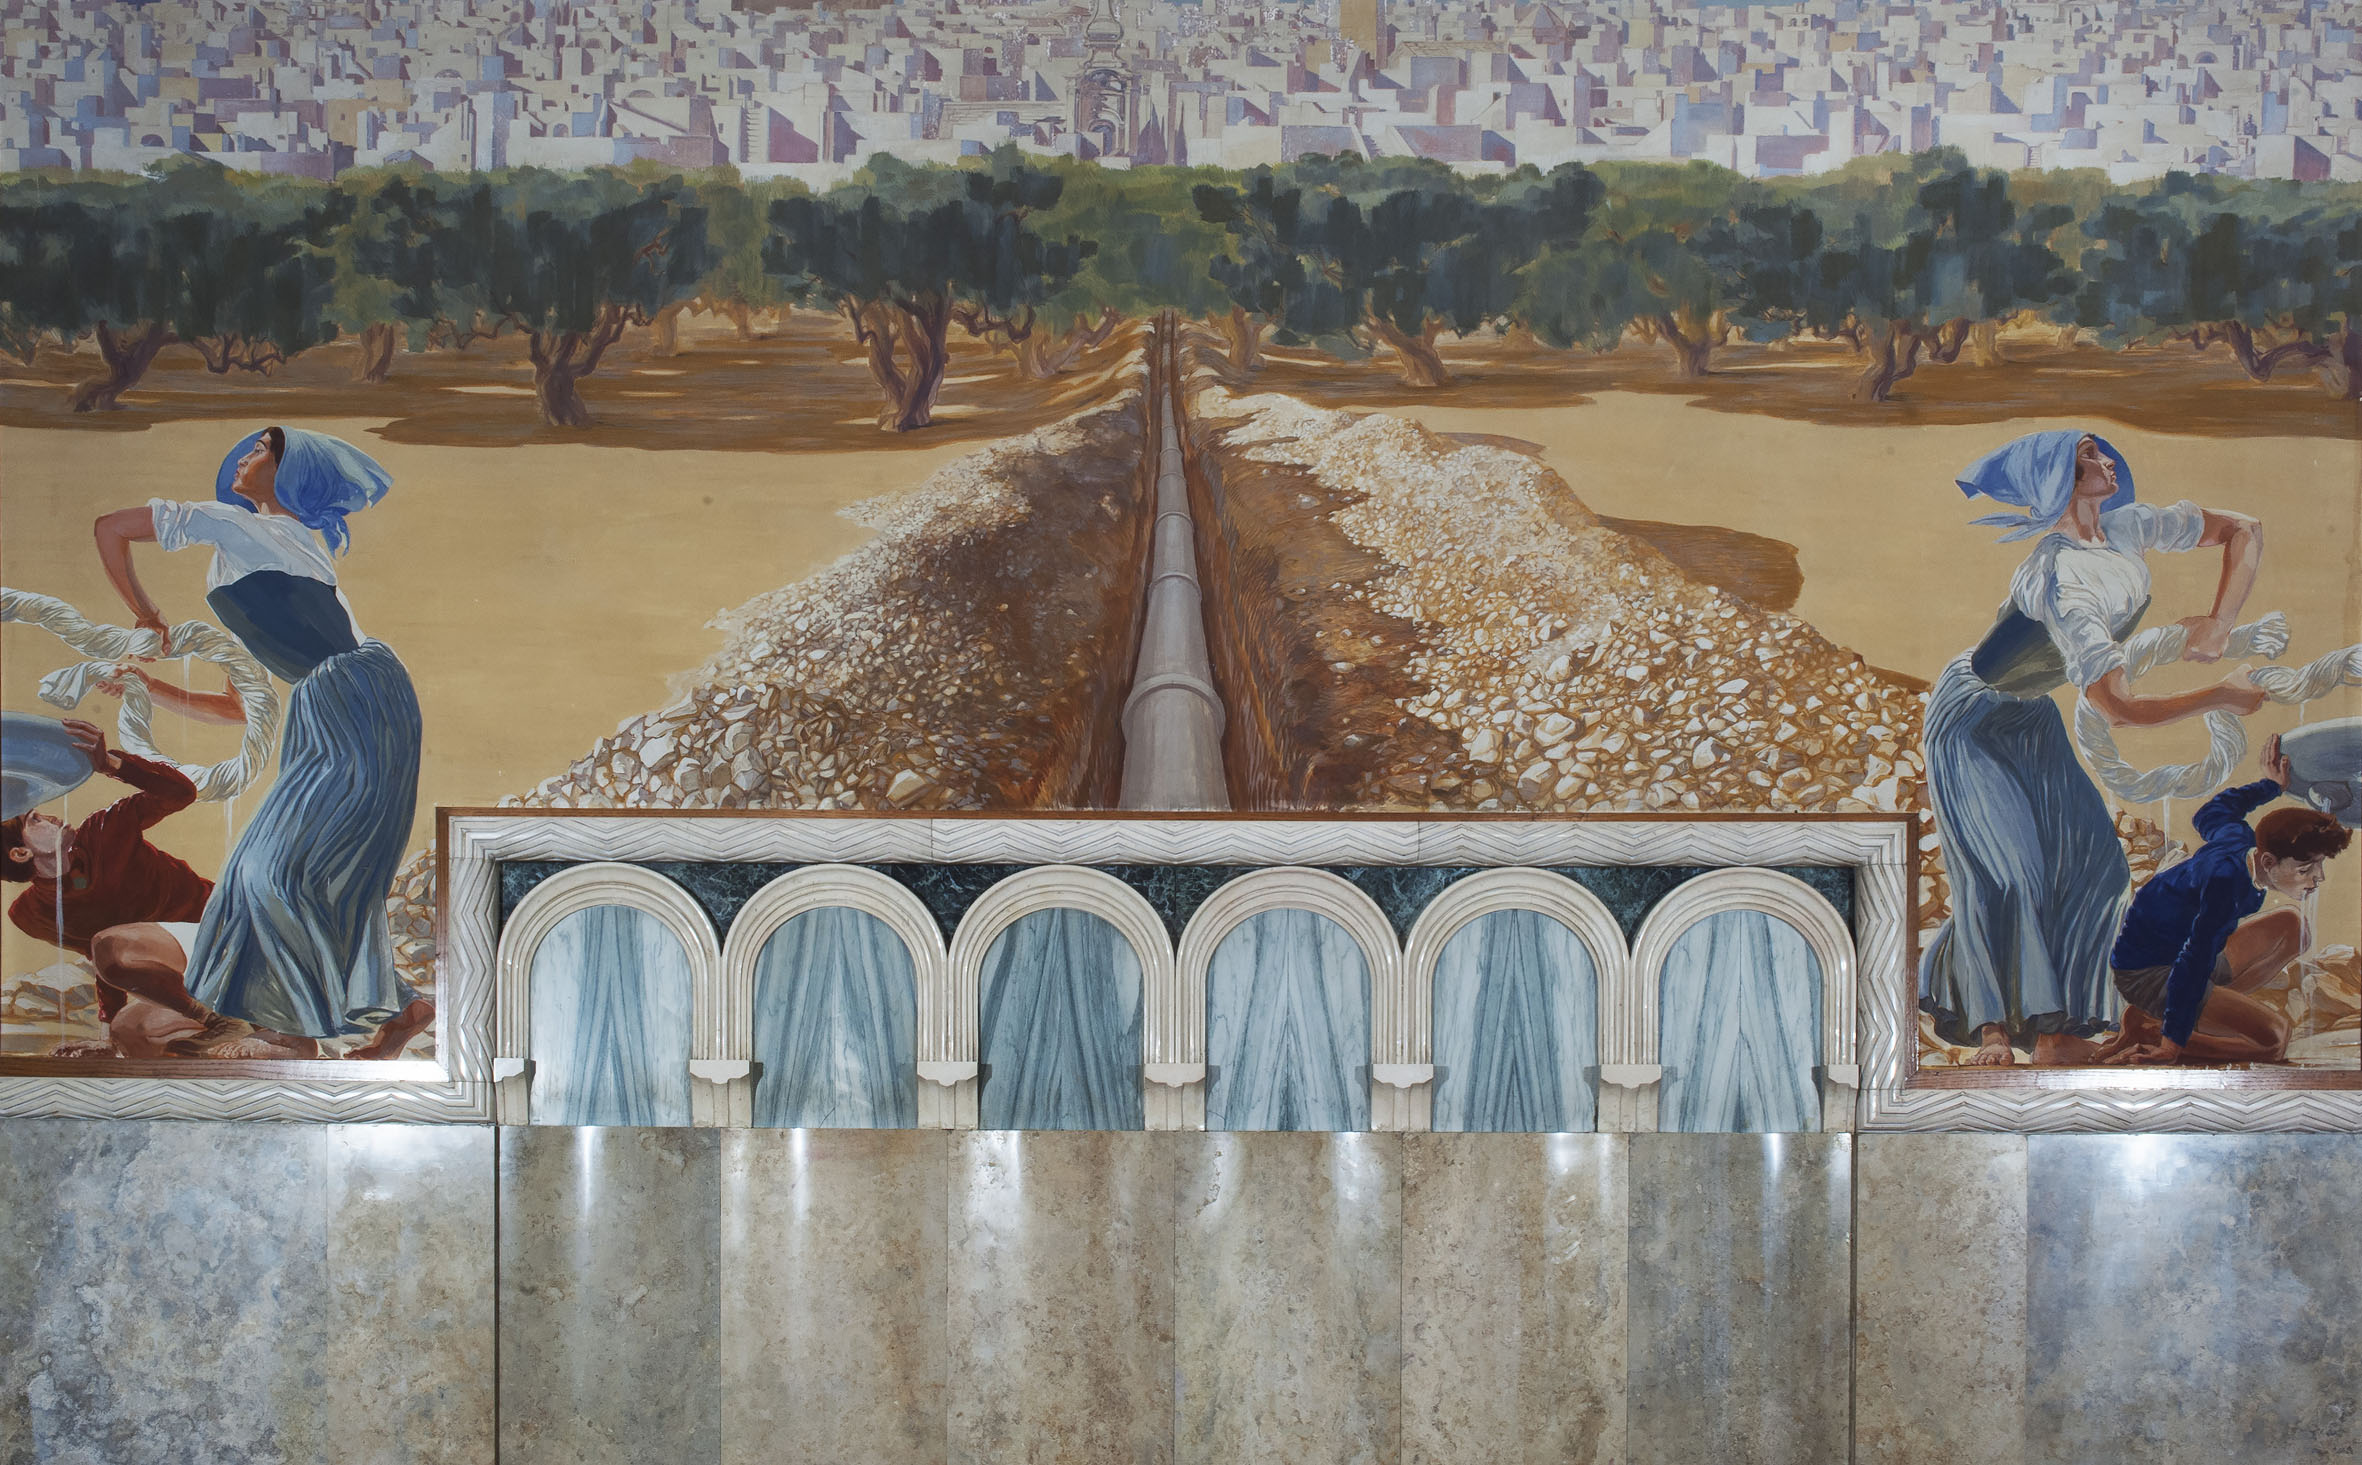 Duilio-Cambellotti-Palazzo-dell'Acquedotto-Pugliese-Sala-del-Consiglio-tela-parete-centrale